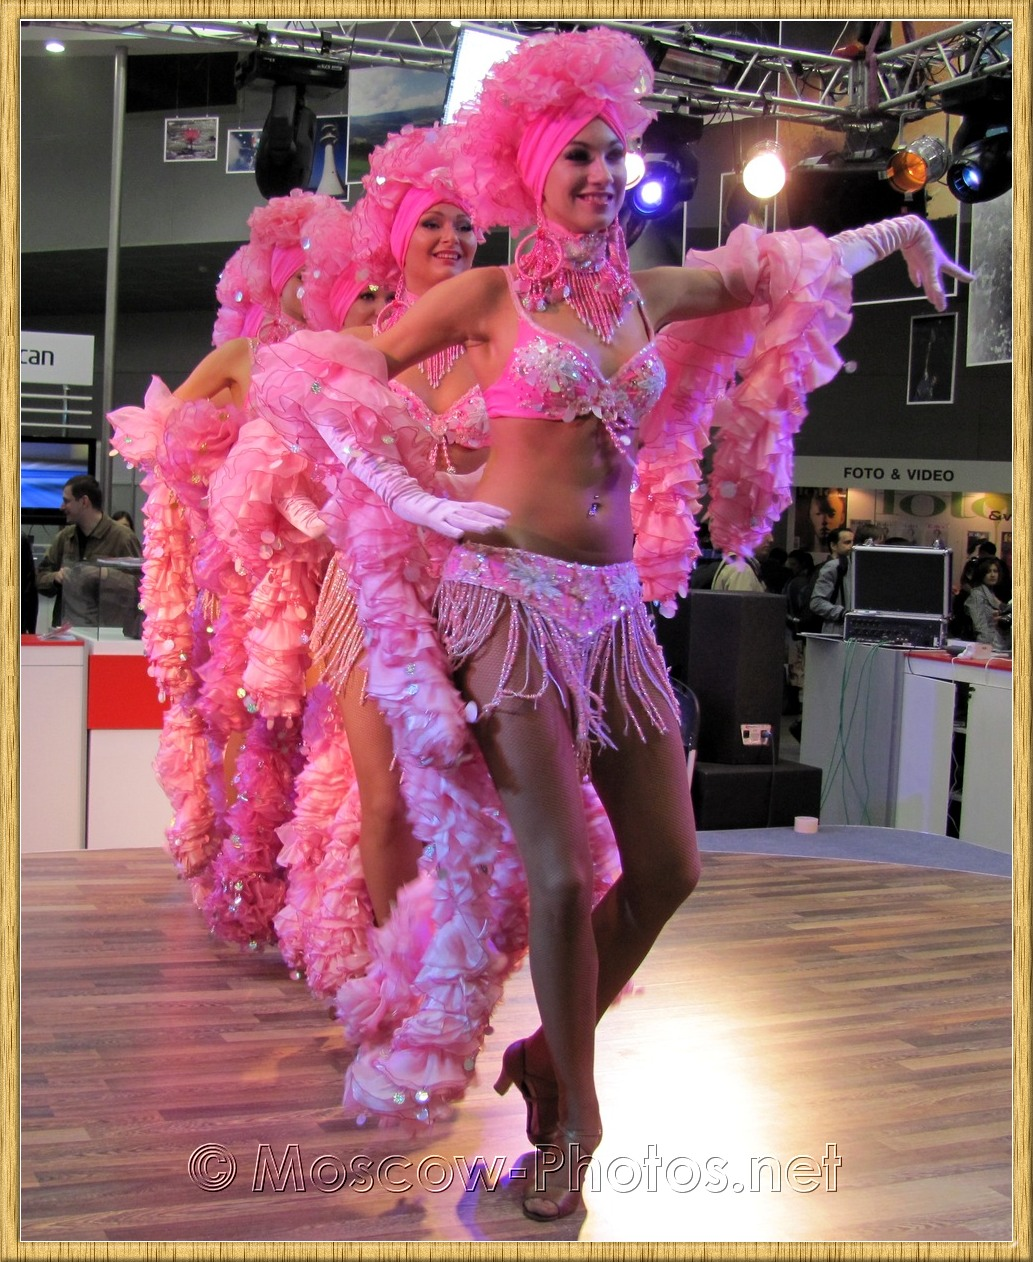 Dancing girls at Photoforum 2010